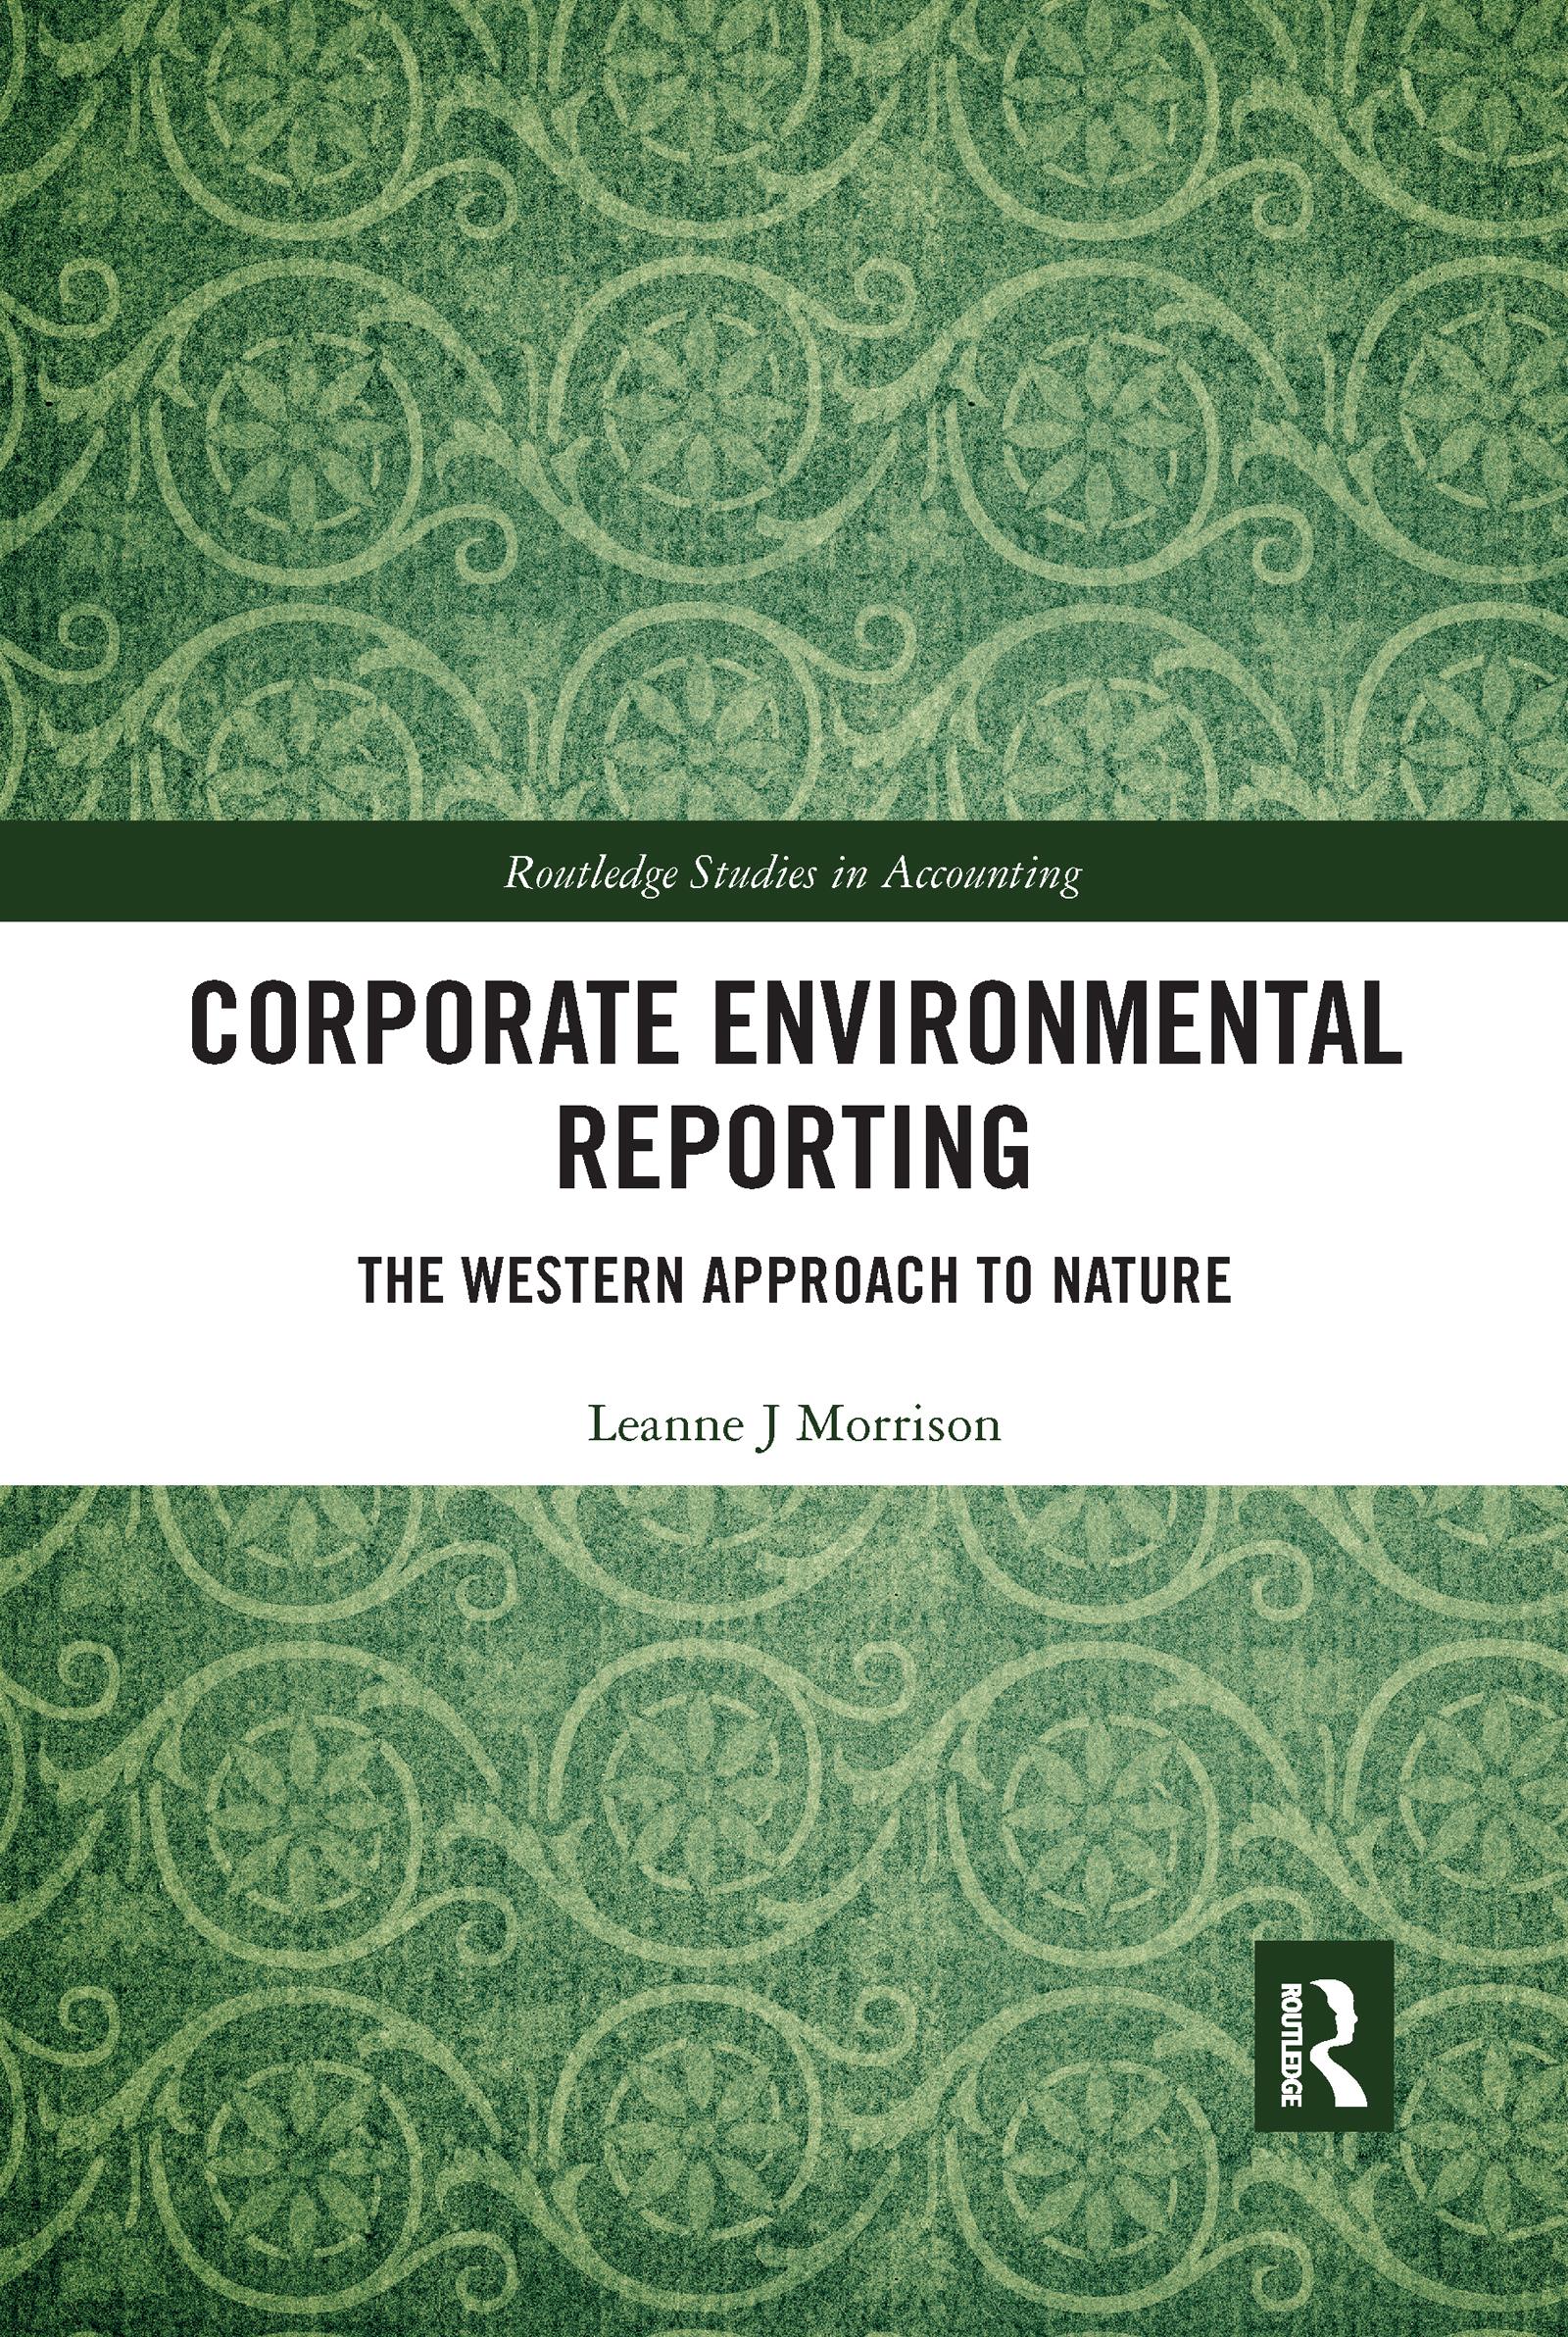 Corporate Environmental Reporting